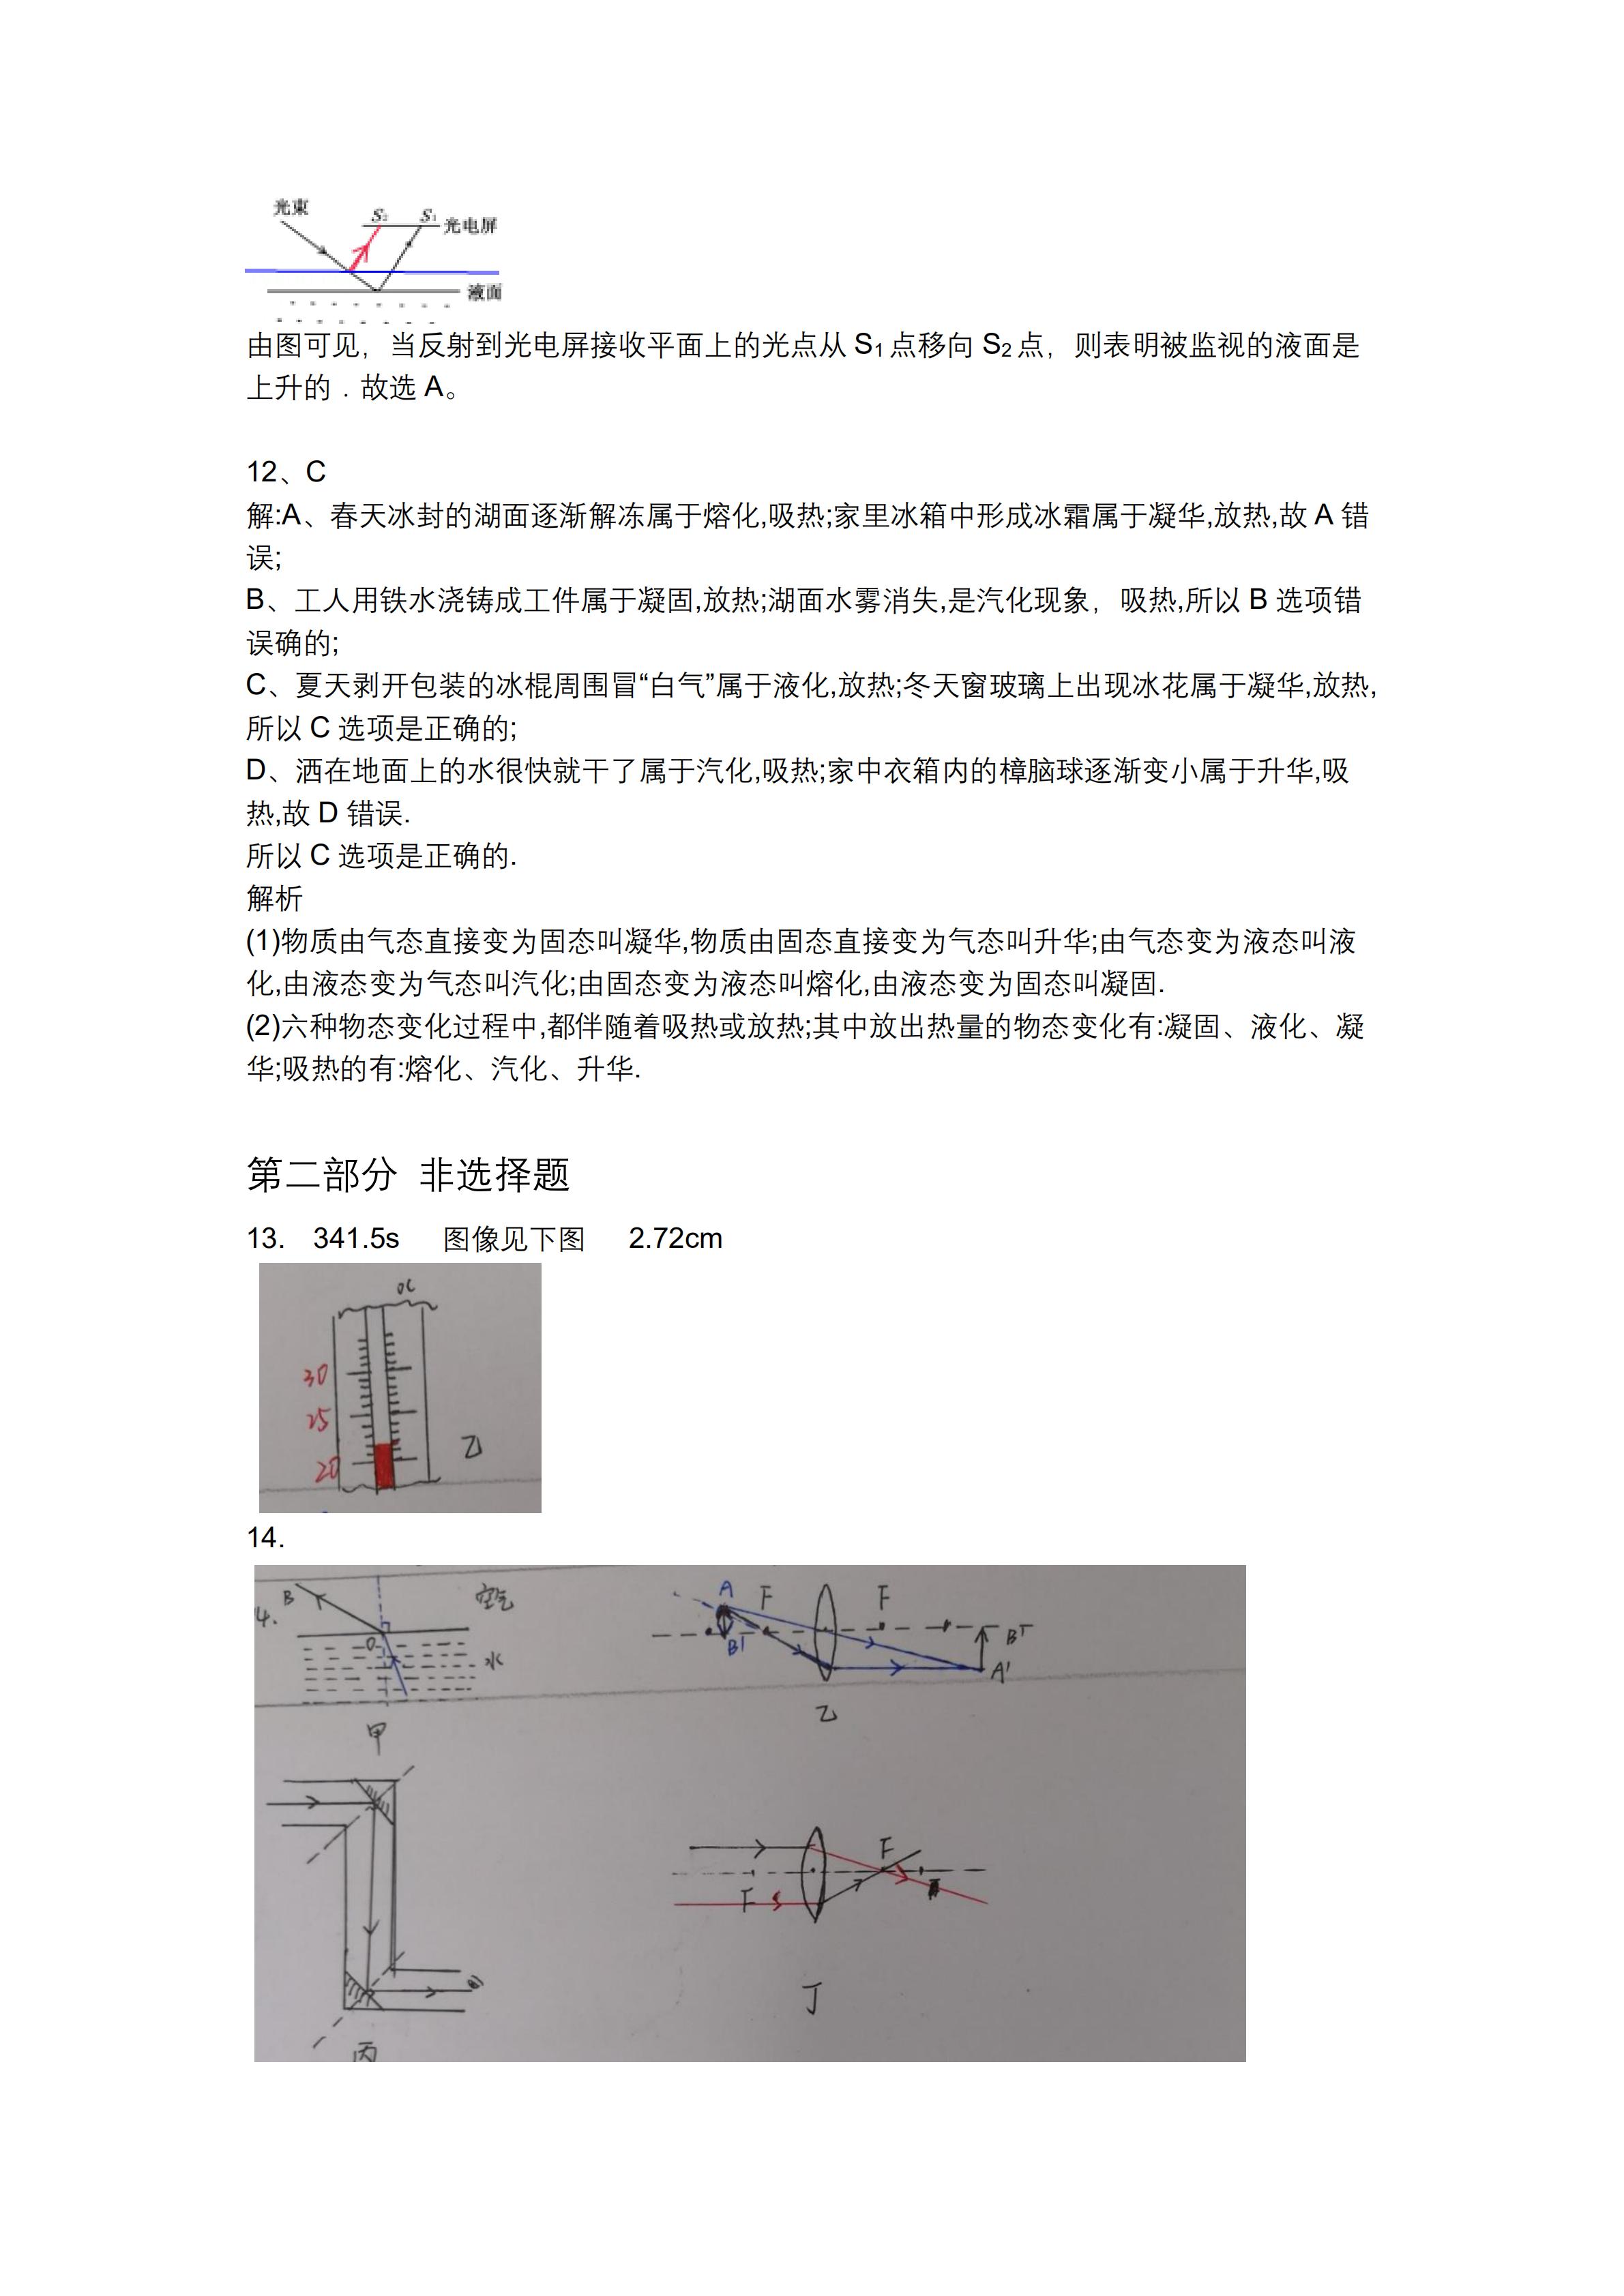 2018-2019 广州荔湾区初二上期末物理答案_02.png